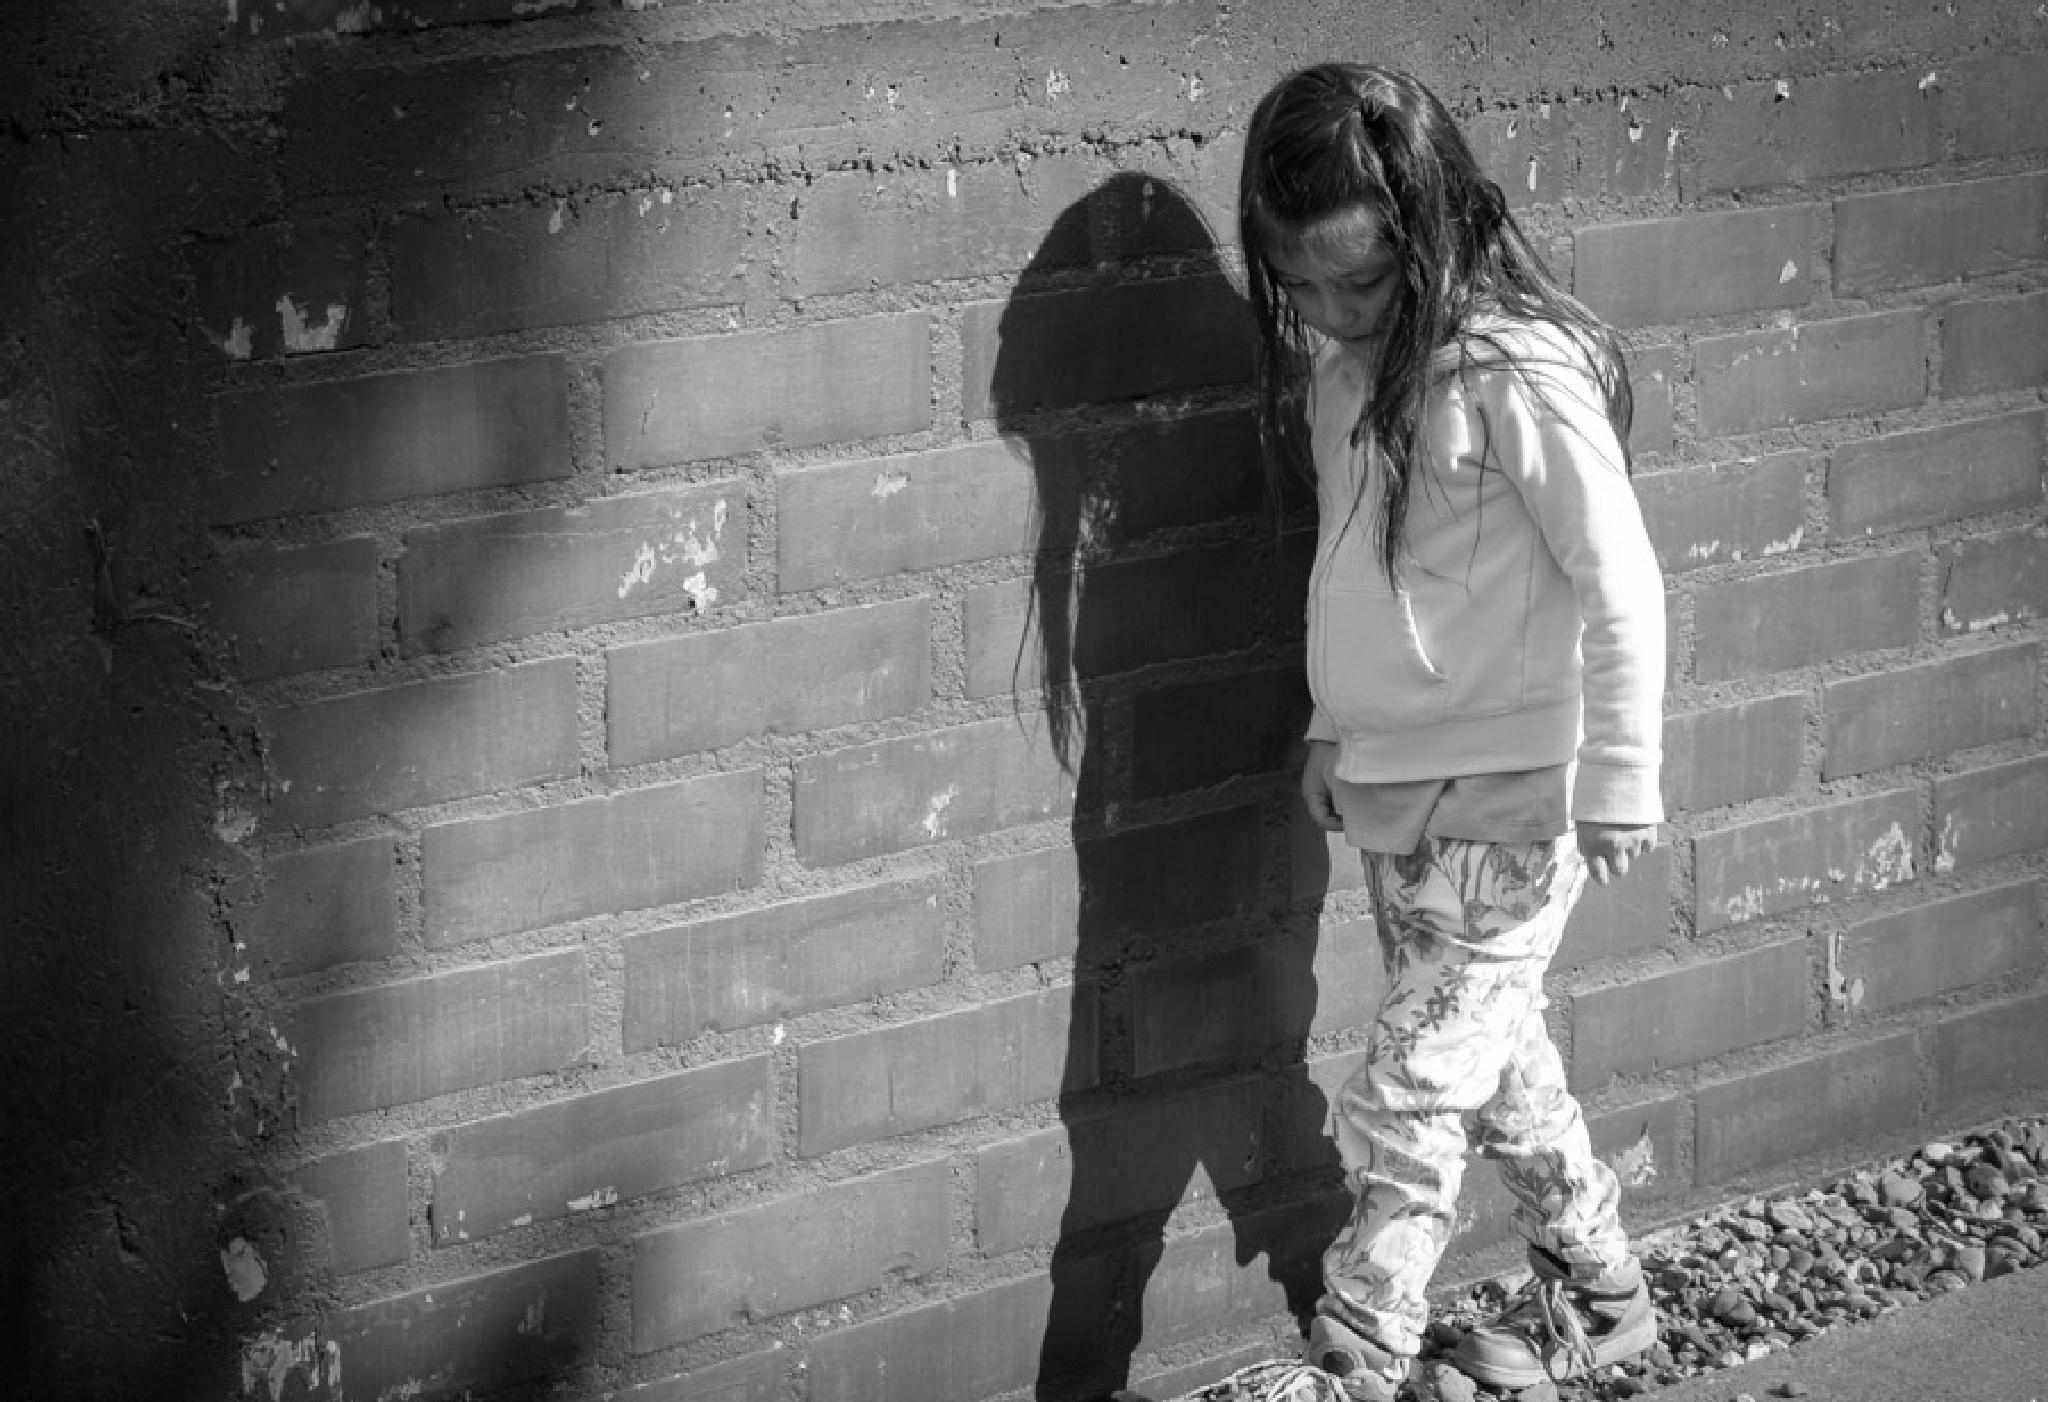 Siguiendo su sombra by lgdodman